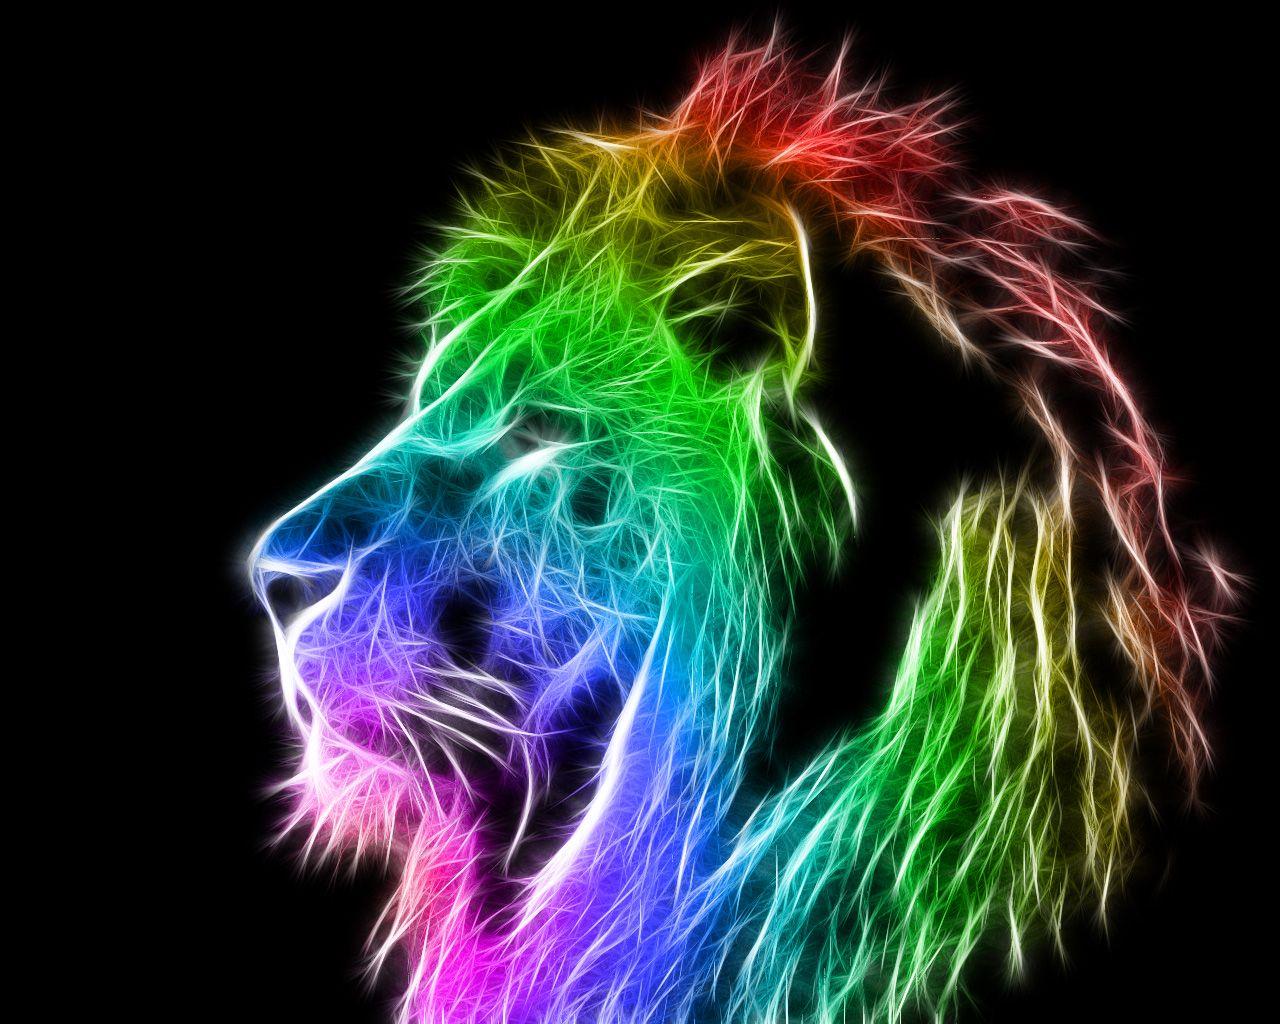 Colorful Lion Wallpaper Lion Wallpaper Lion Pictures Lion Hd